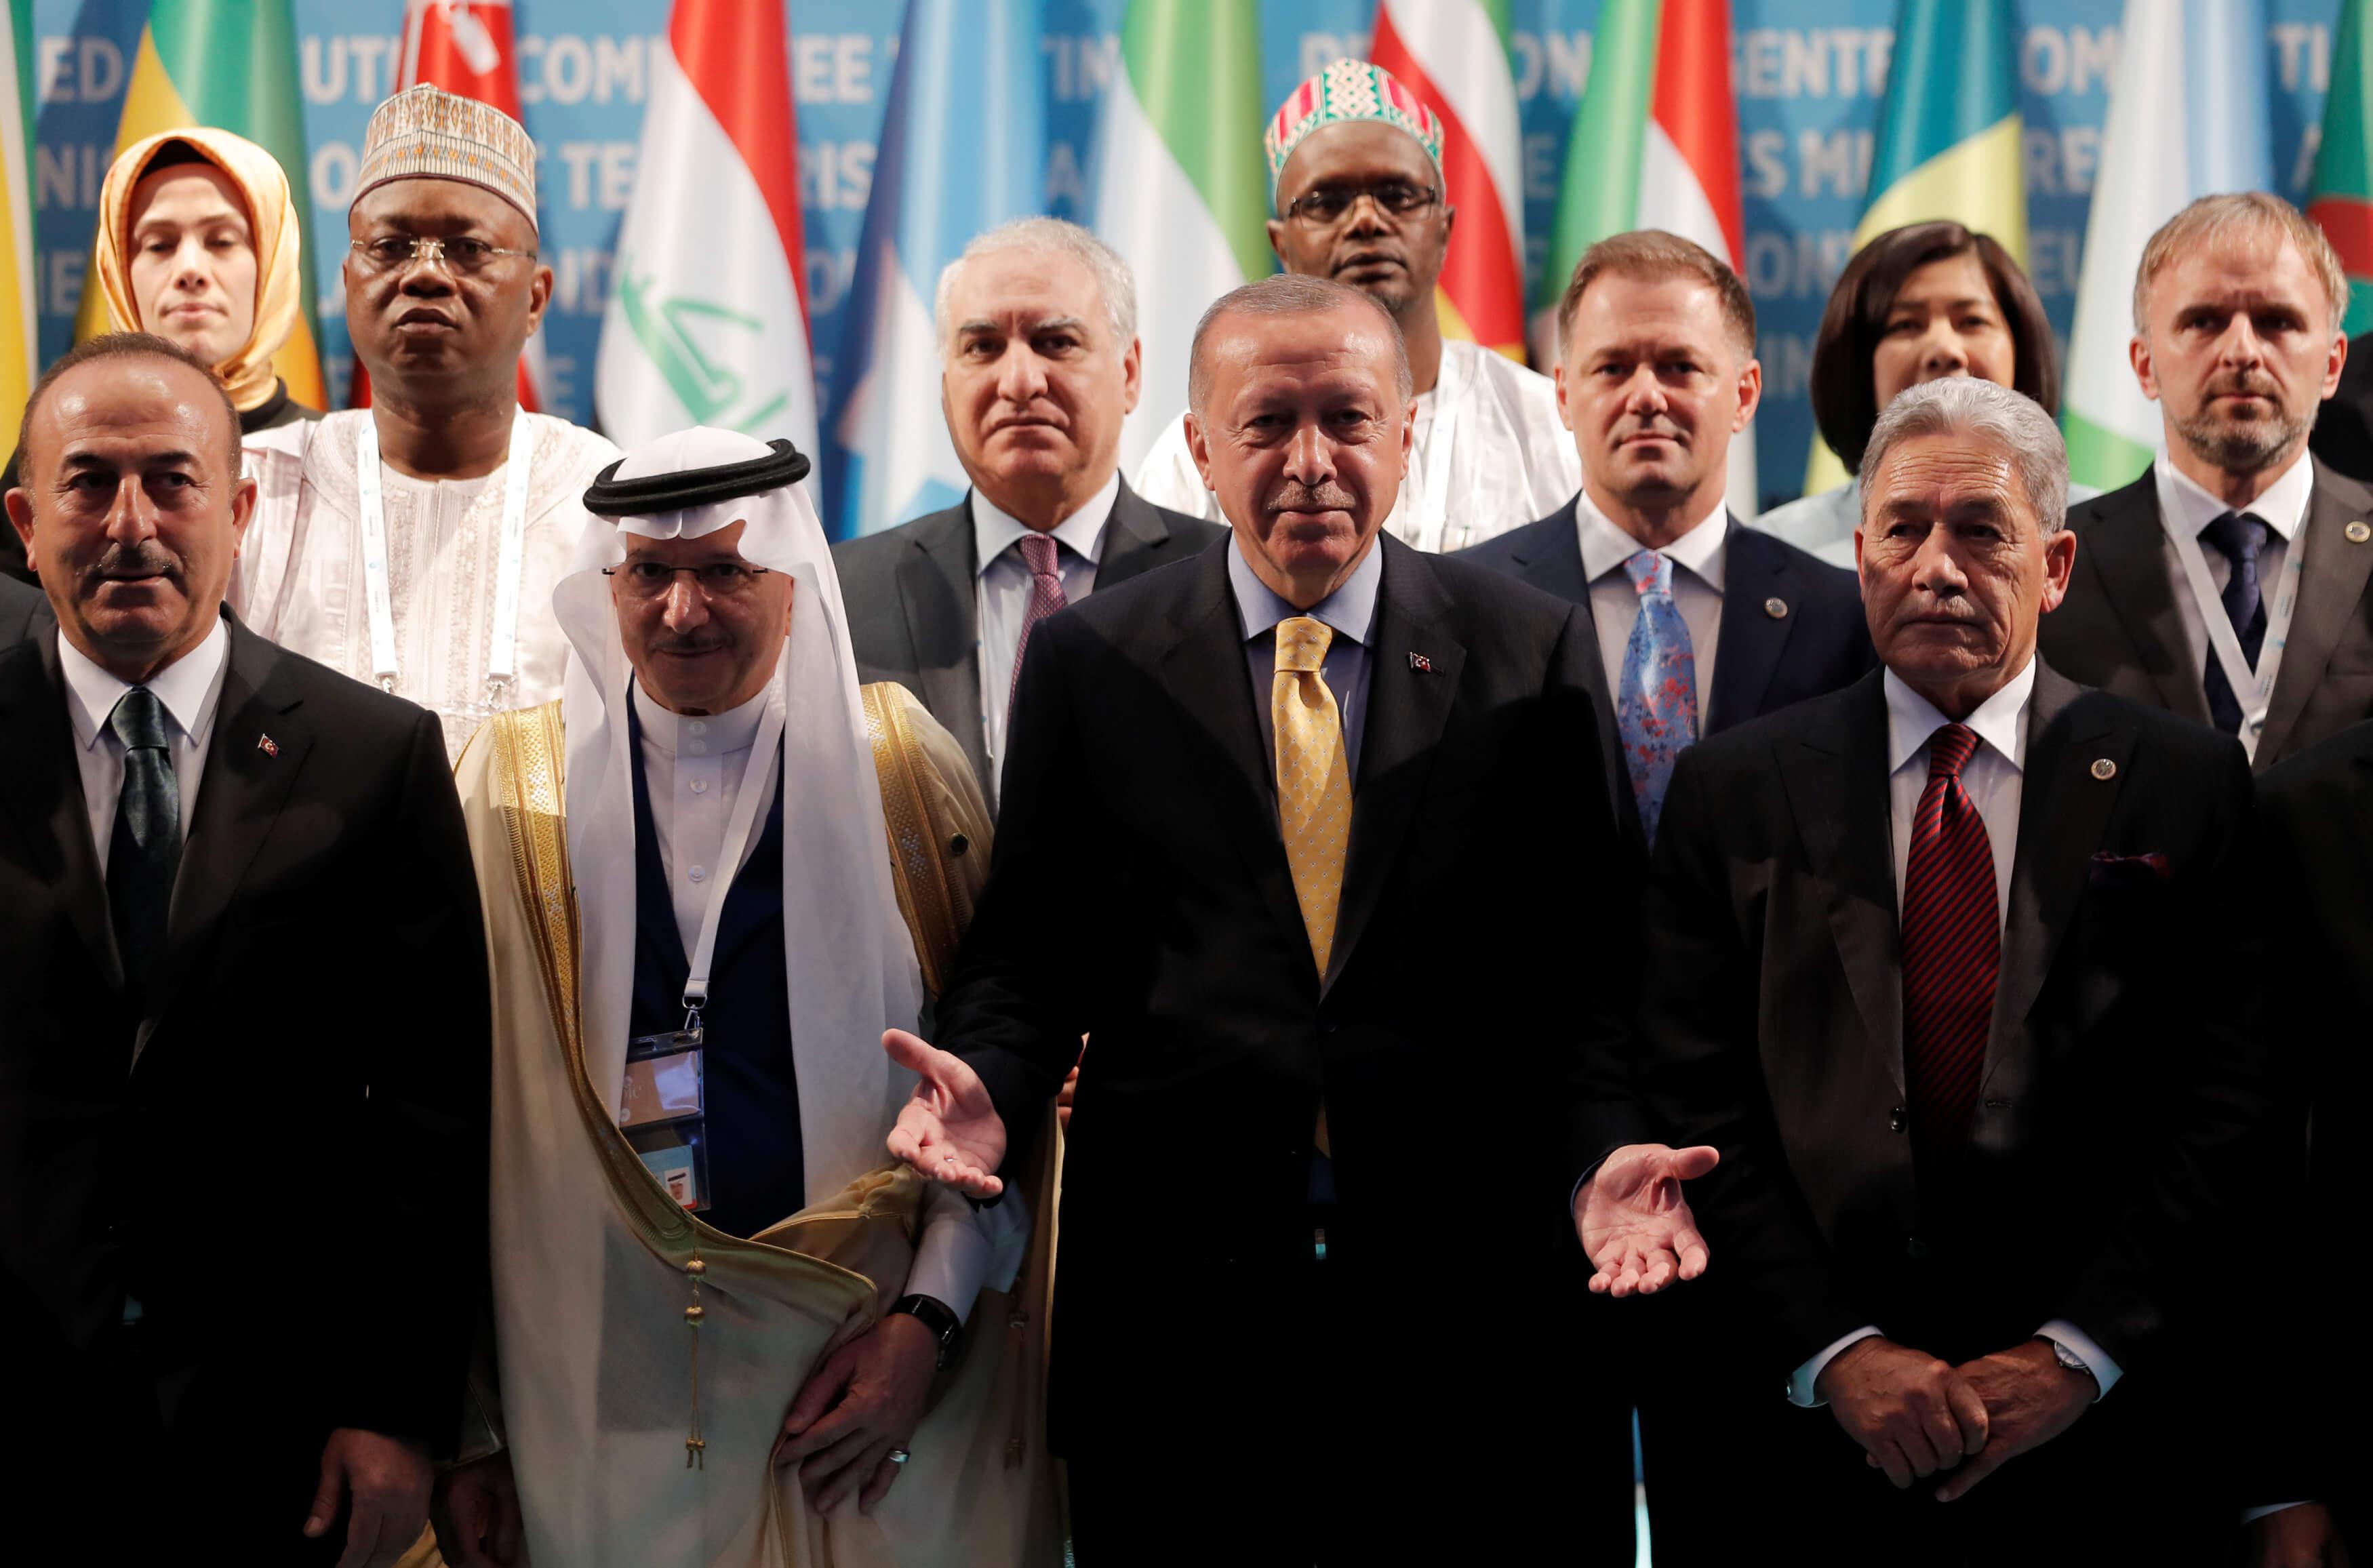 «Πατερούλης» των απανταχού μουσουλμάνων ο Ερντογάν, τα (ξανά)βάζει με τη Δύση – Εξίσωσε τις τρομοκρατικές επιθέσεις με το Ολοκαύτωμα